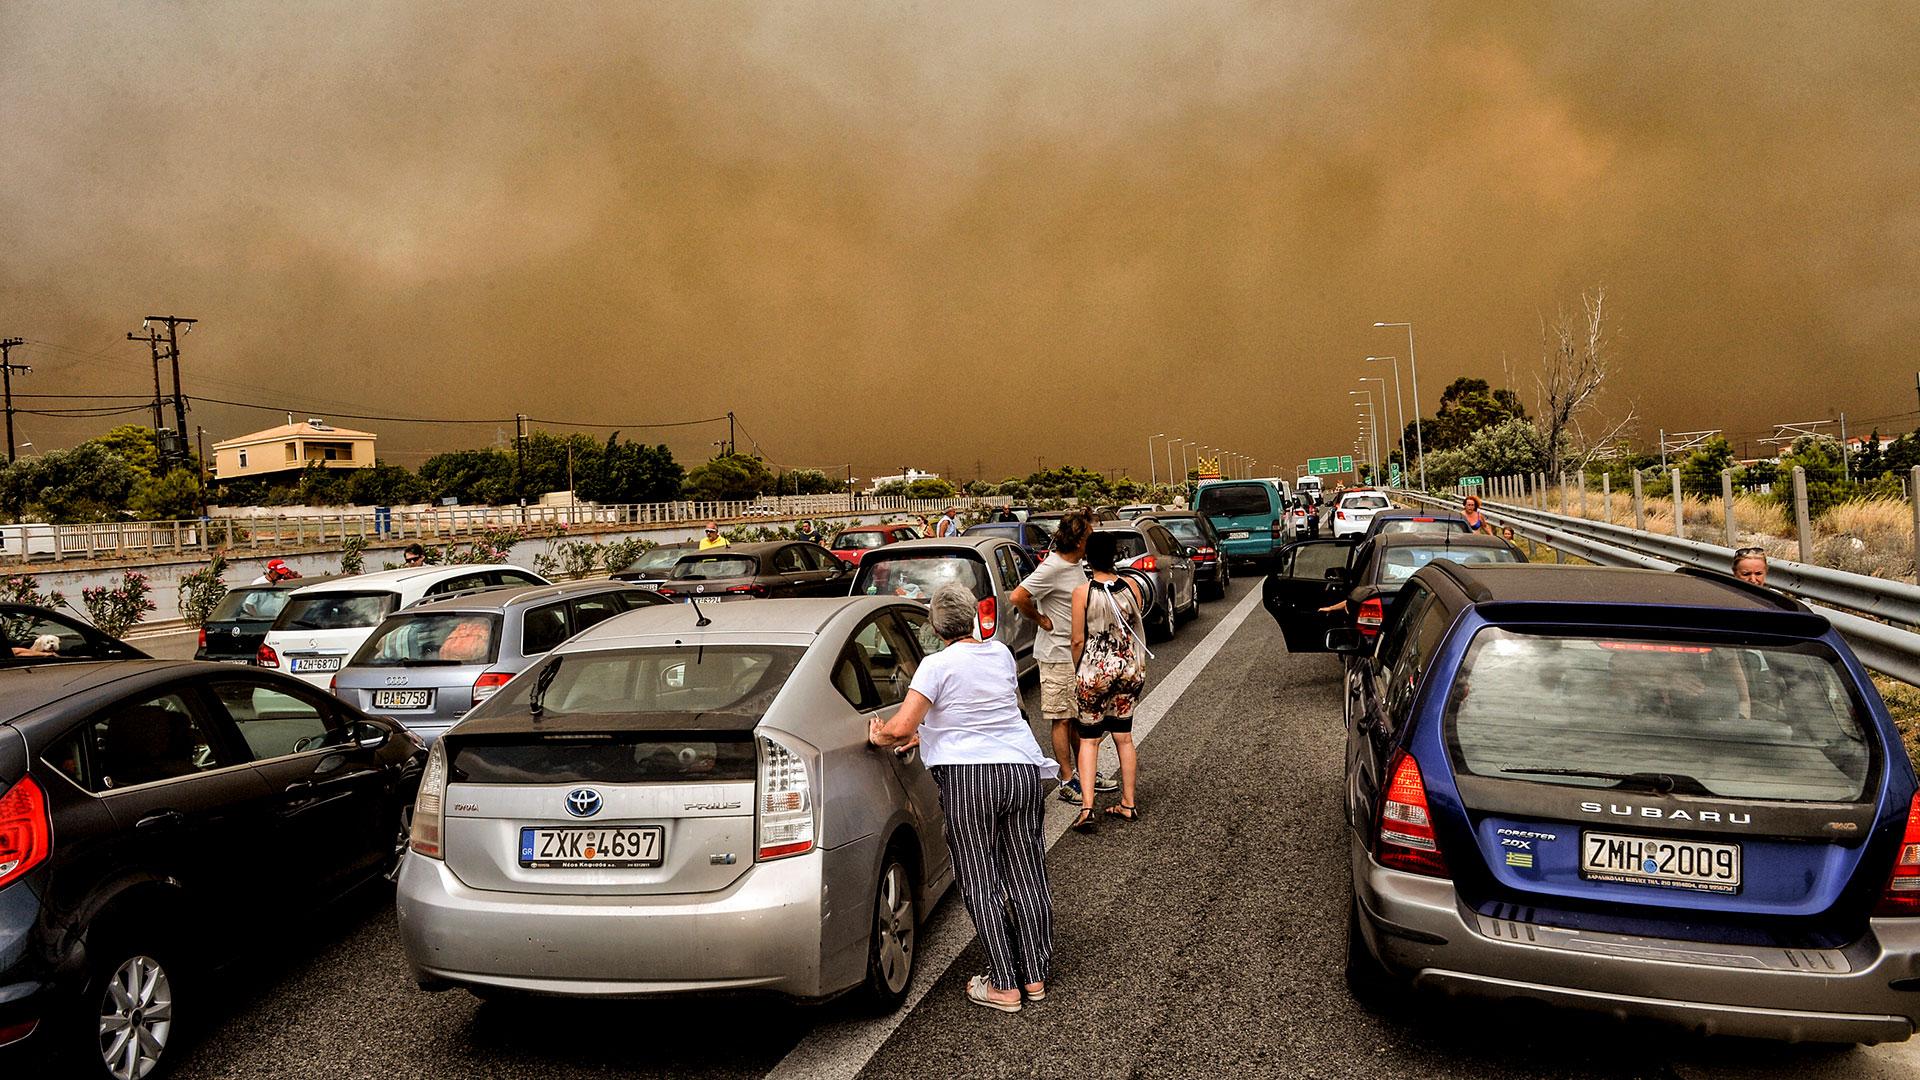 Al menos 94 personas mueren y más de 180 resultan heridas en la localidad de Mati, Grecia, en los incendios forestales que quemaron 1.500 hectáreas entre el 23 y el 24 de julio